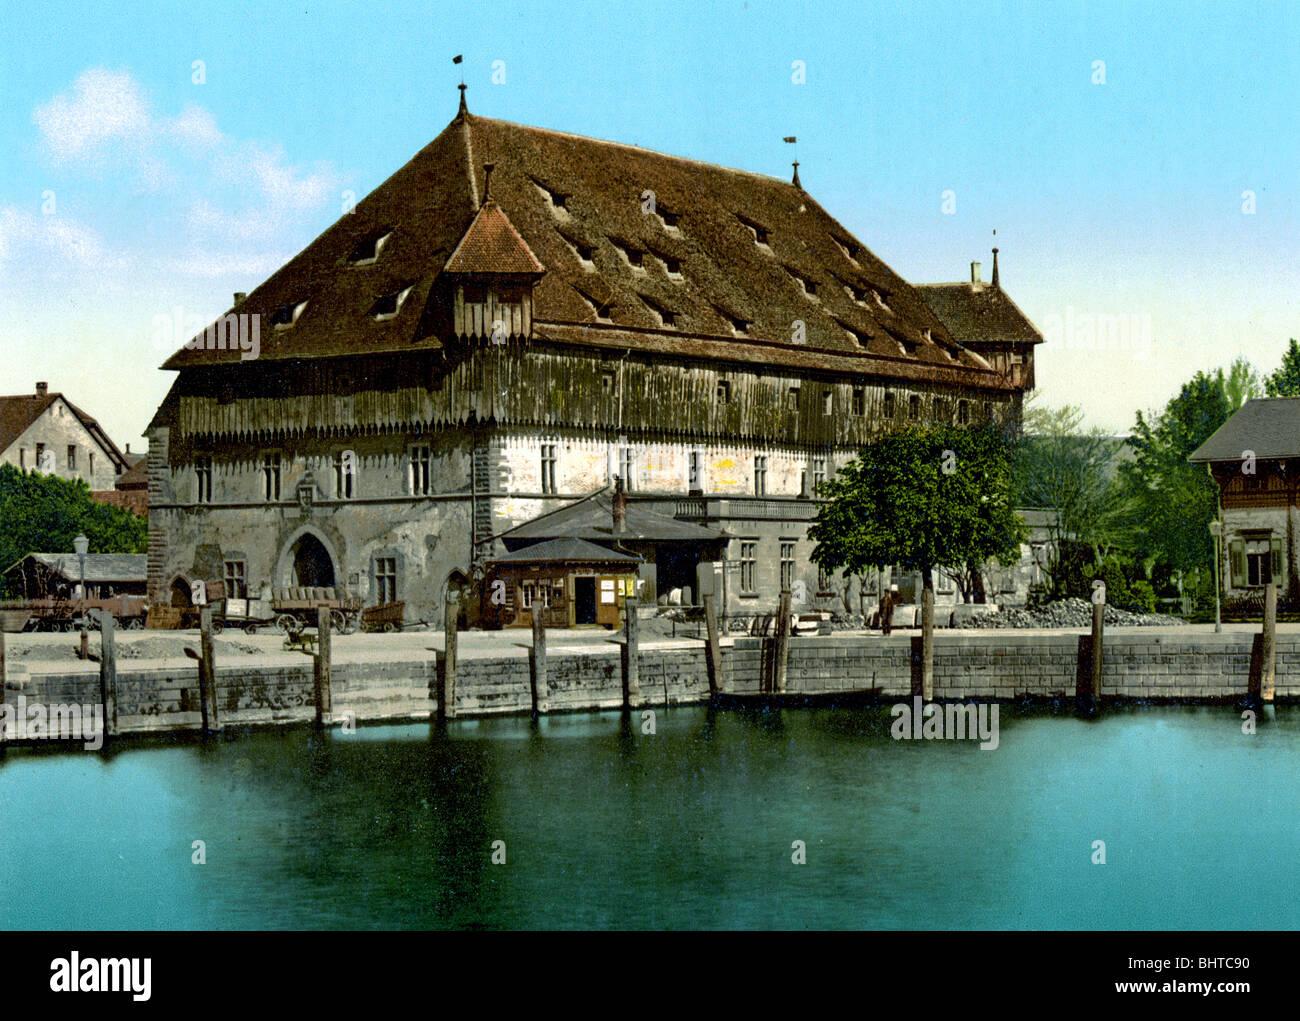 Conciliumgebäude Konstanz - Stock Image